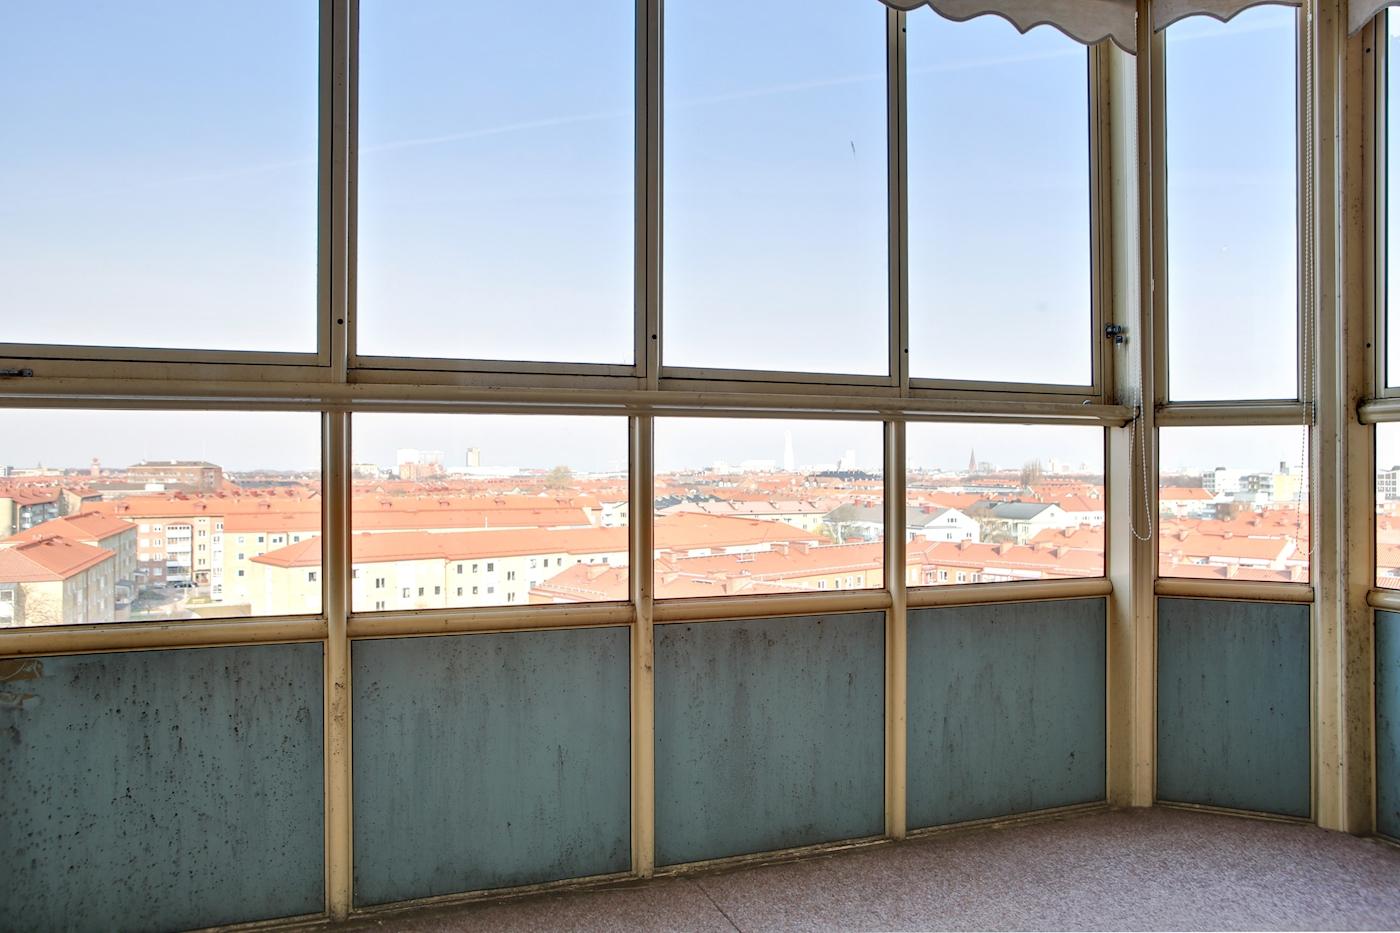 Rymlig inglasad balkong i västerläge